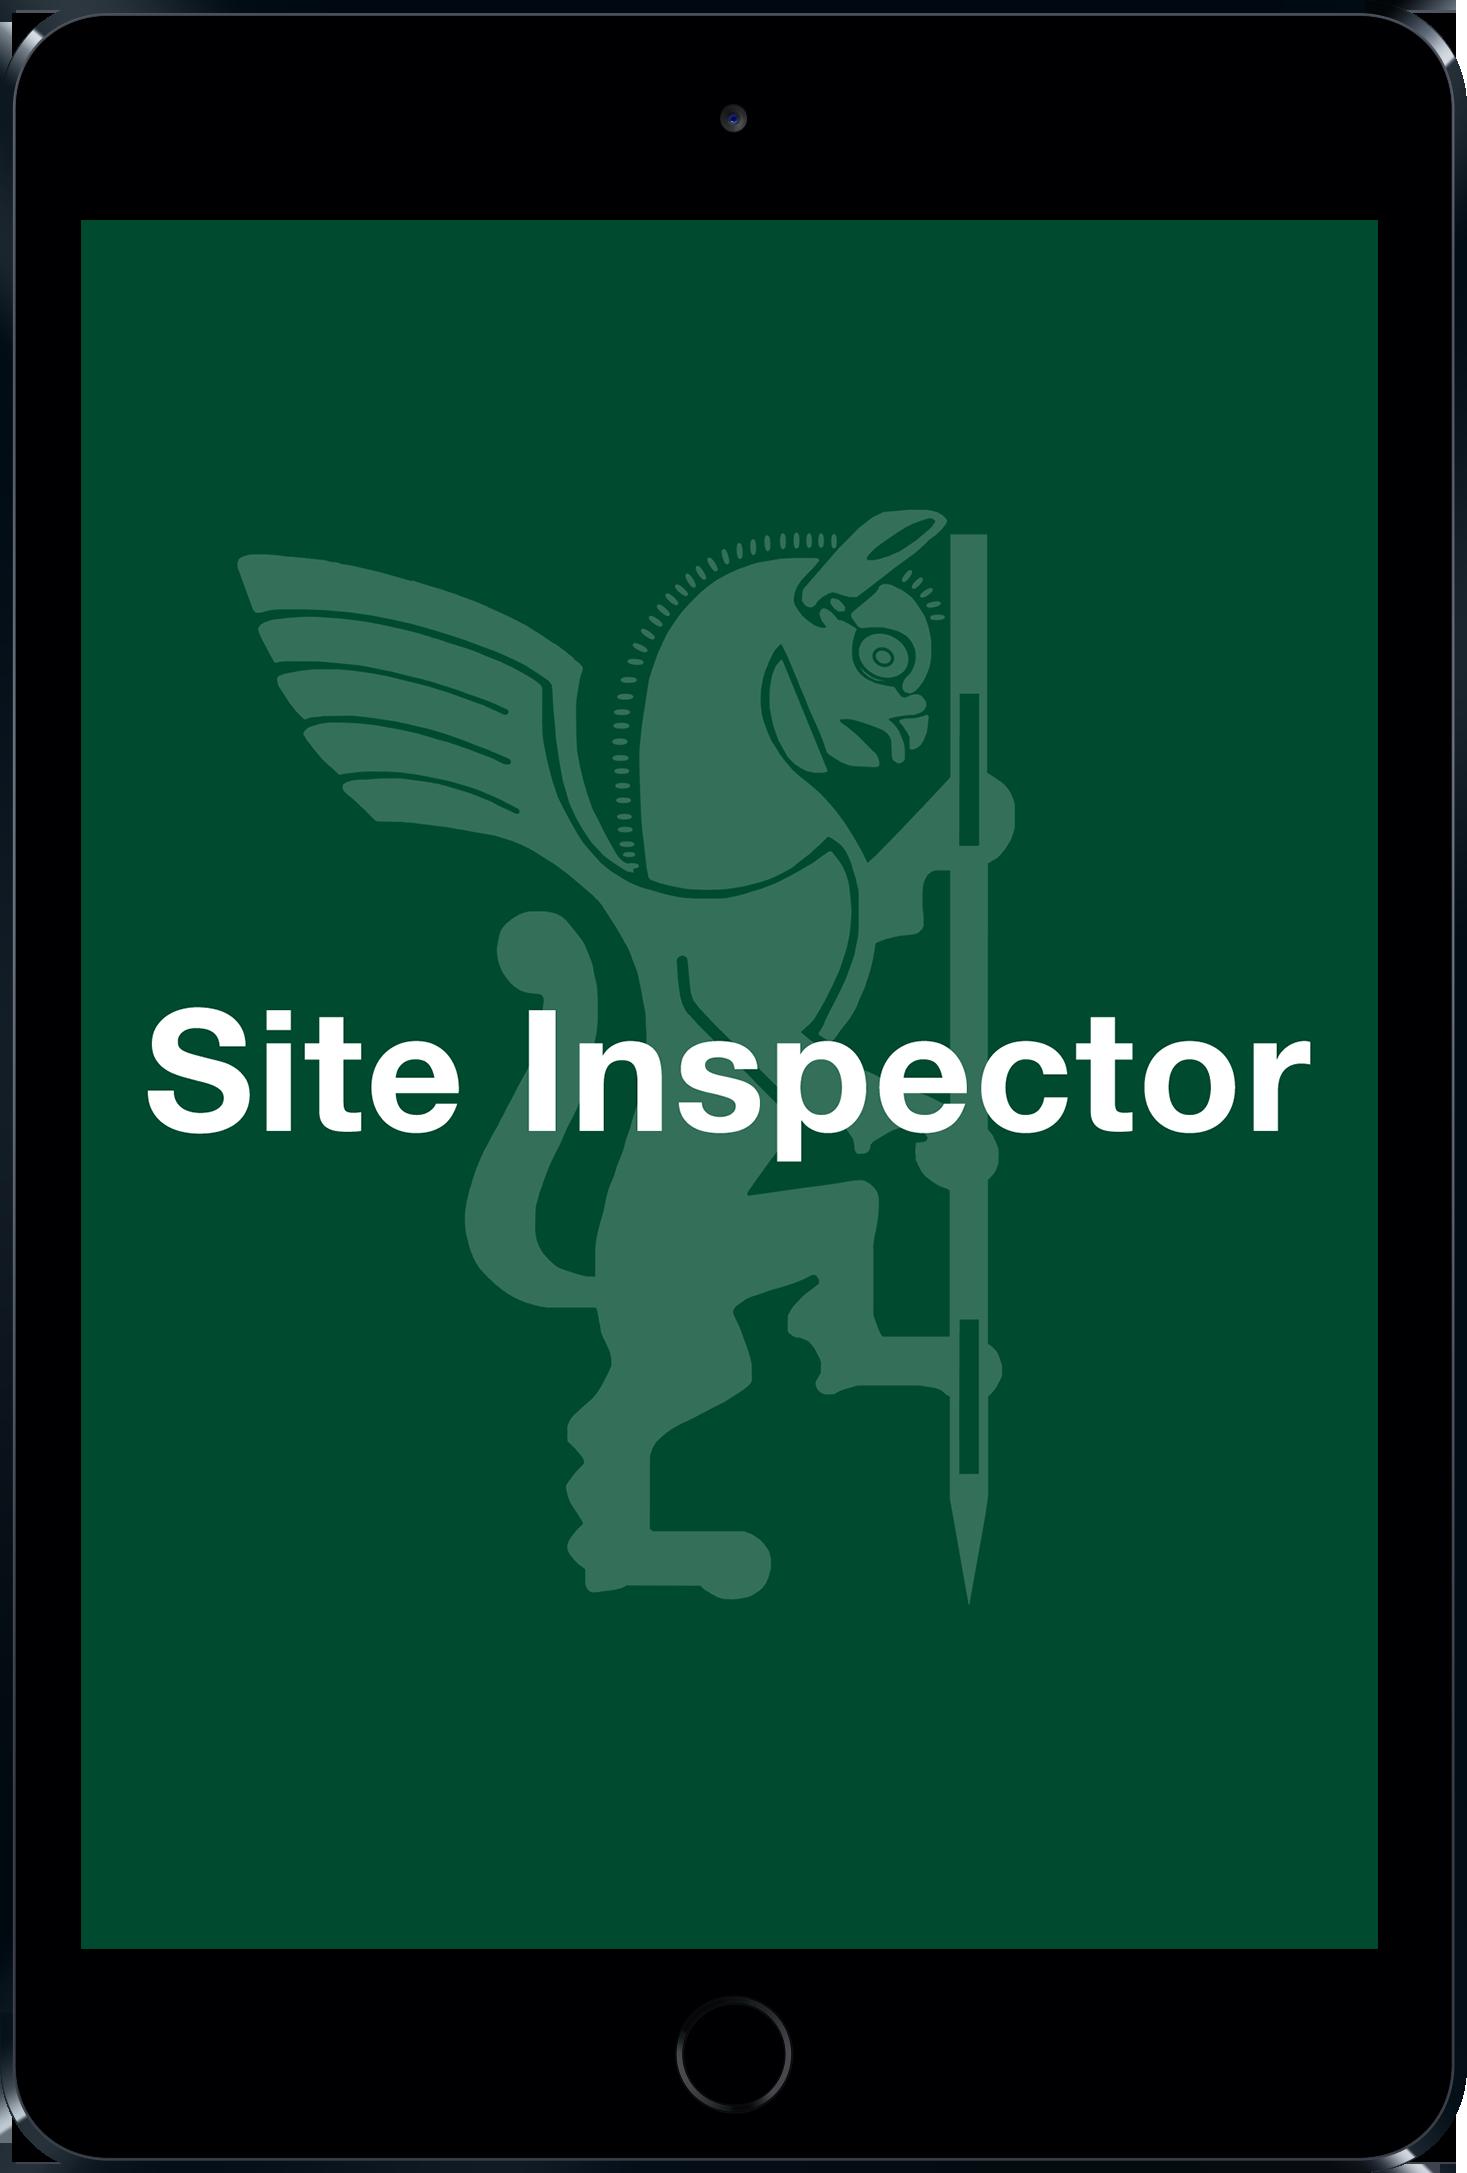 Site inspector 3e0d8f470b7c2ecfc616bd8a957afe3f34fbb053cec304ad53eab25e2889c841